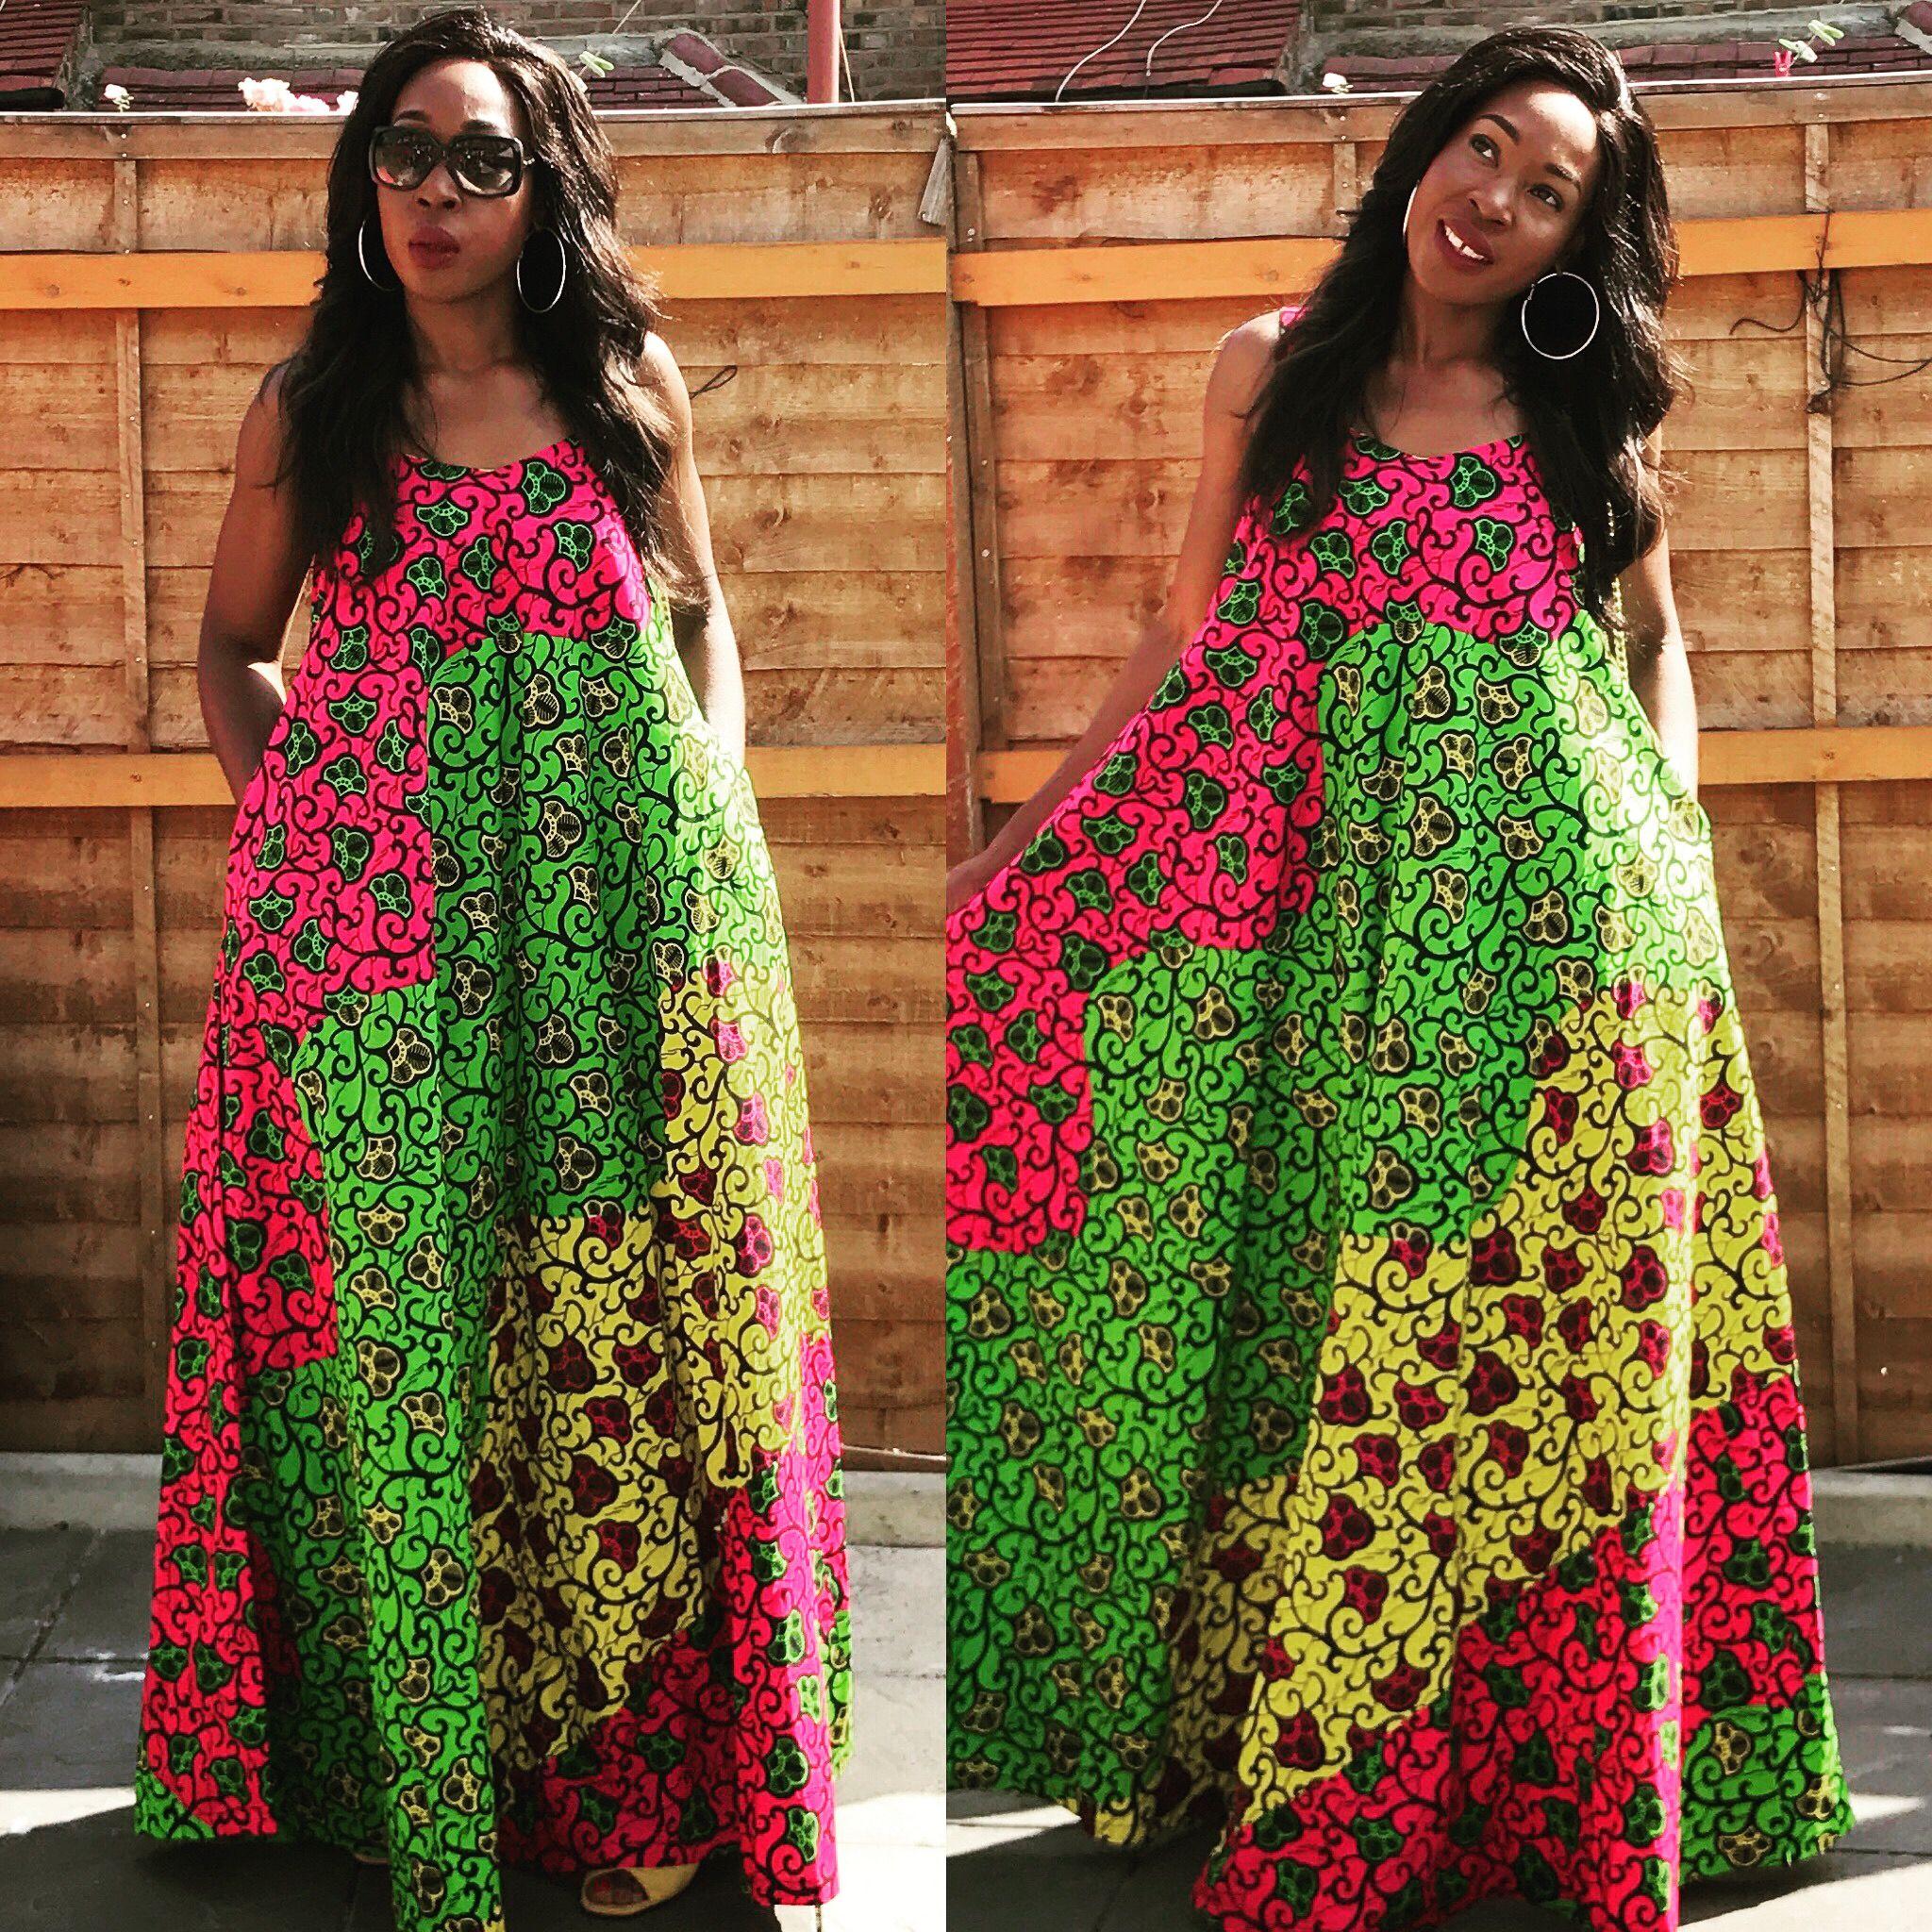 Robe Africaine: My Ankara Maxi Dress From T4turbanchic.com